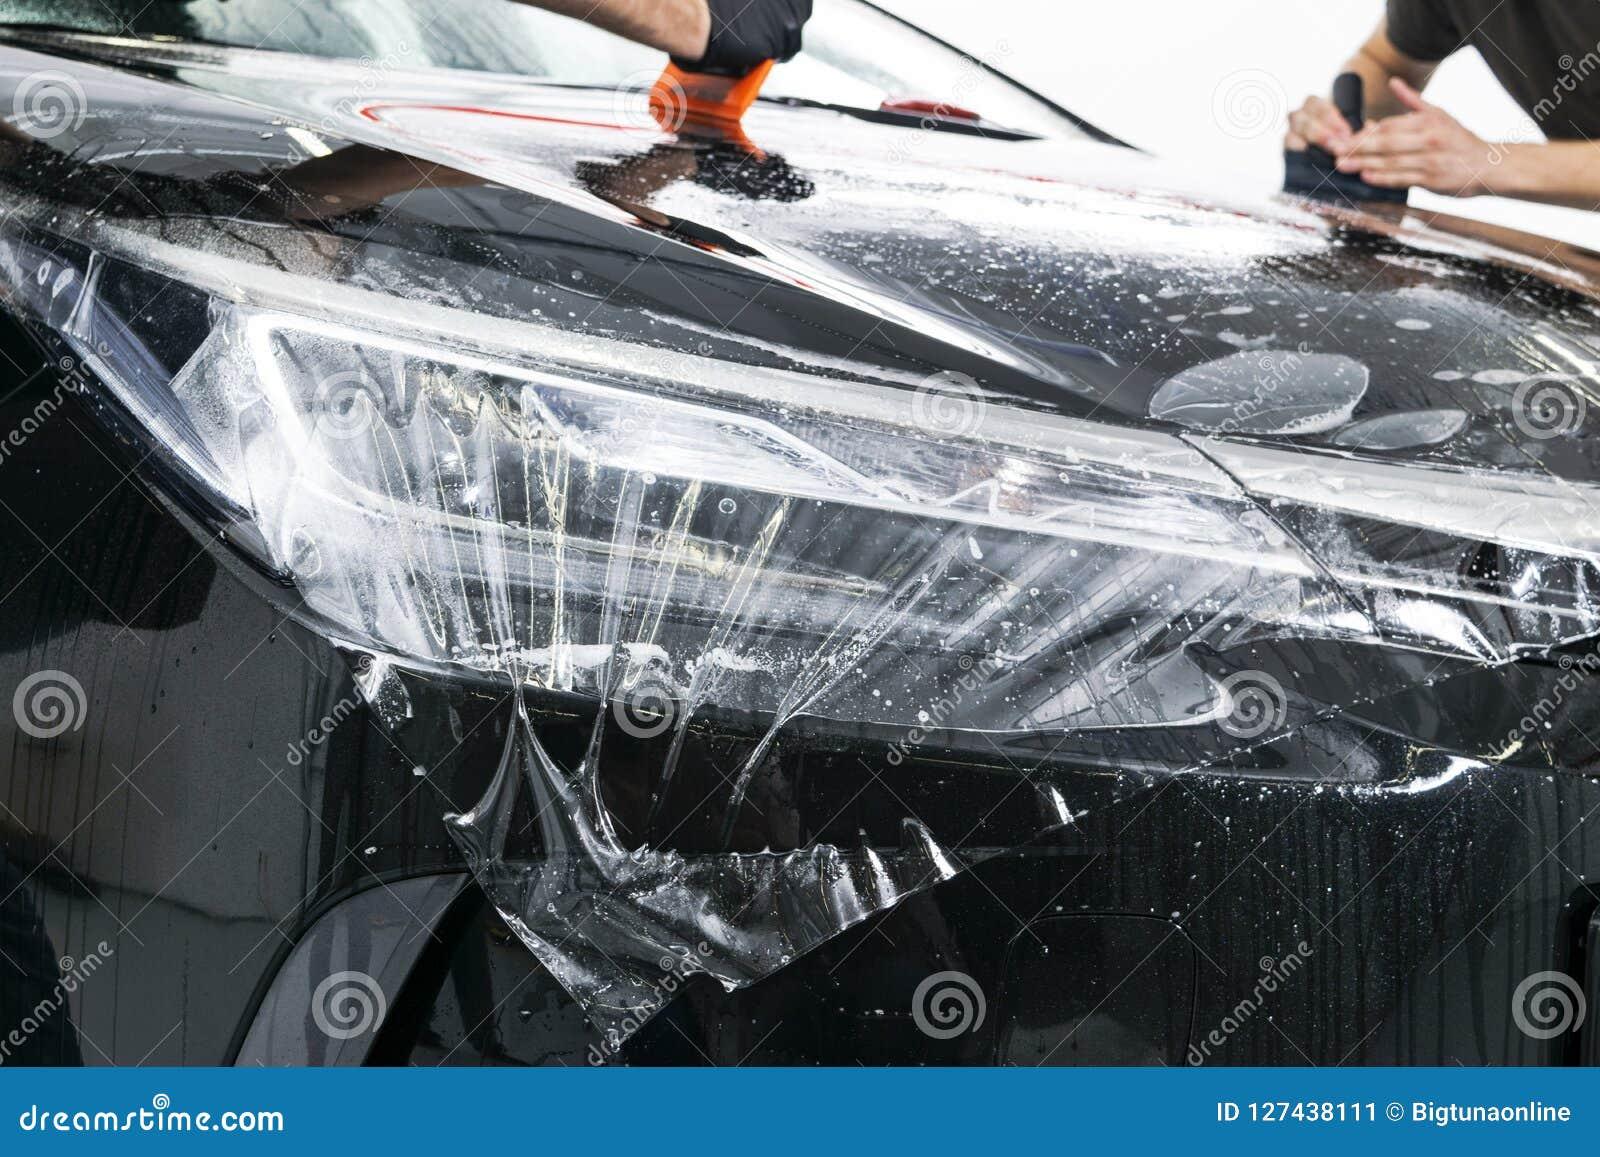 Samochodowa opakunkowa specjalisty kładzenia winylu folia lub film na samochodzie Ochronny film na samochodzie Stosować ochronneg